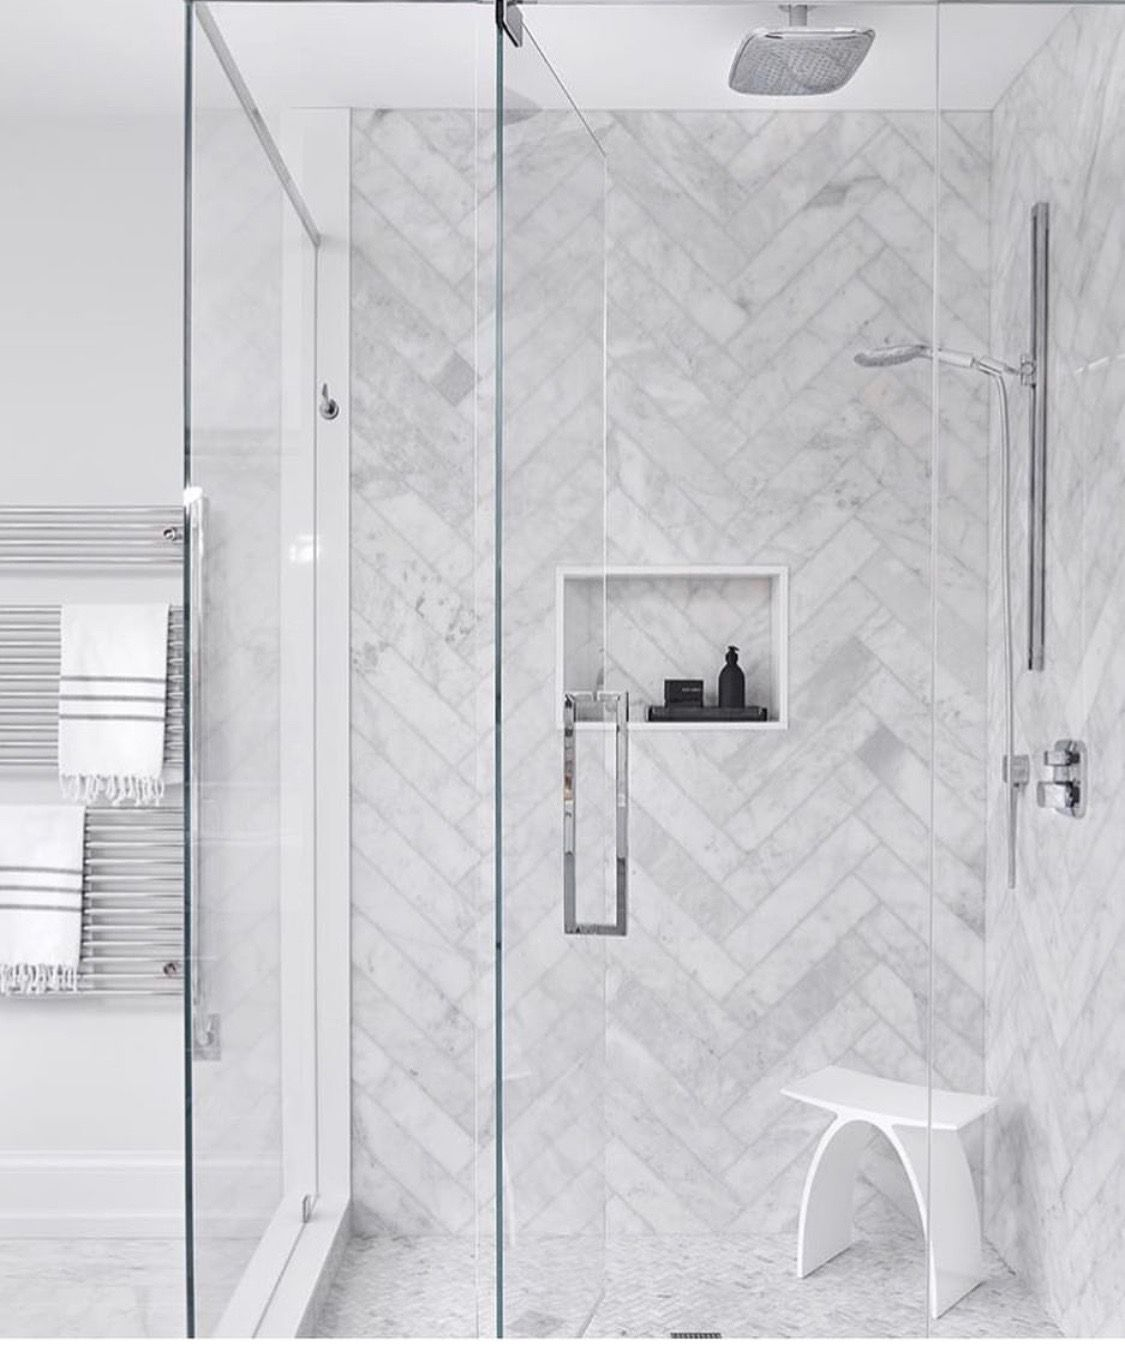 Large Herringbone Shower Small Herringbone Floor Bathroom Remodel Shower Herringbone Tile Bathroom Shower Backsplash